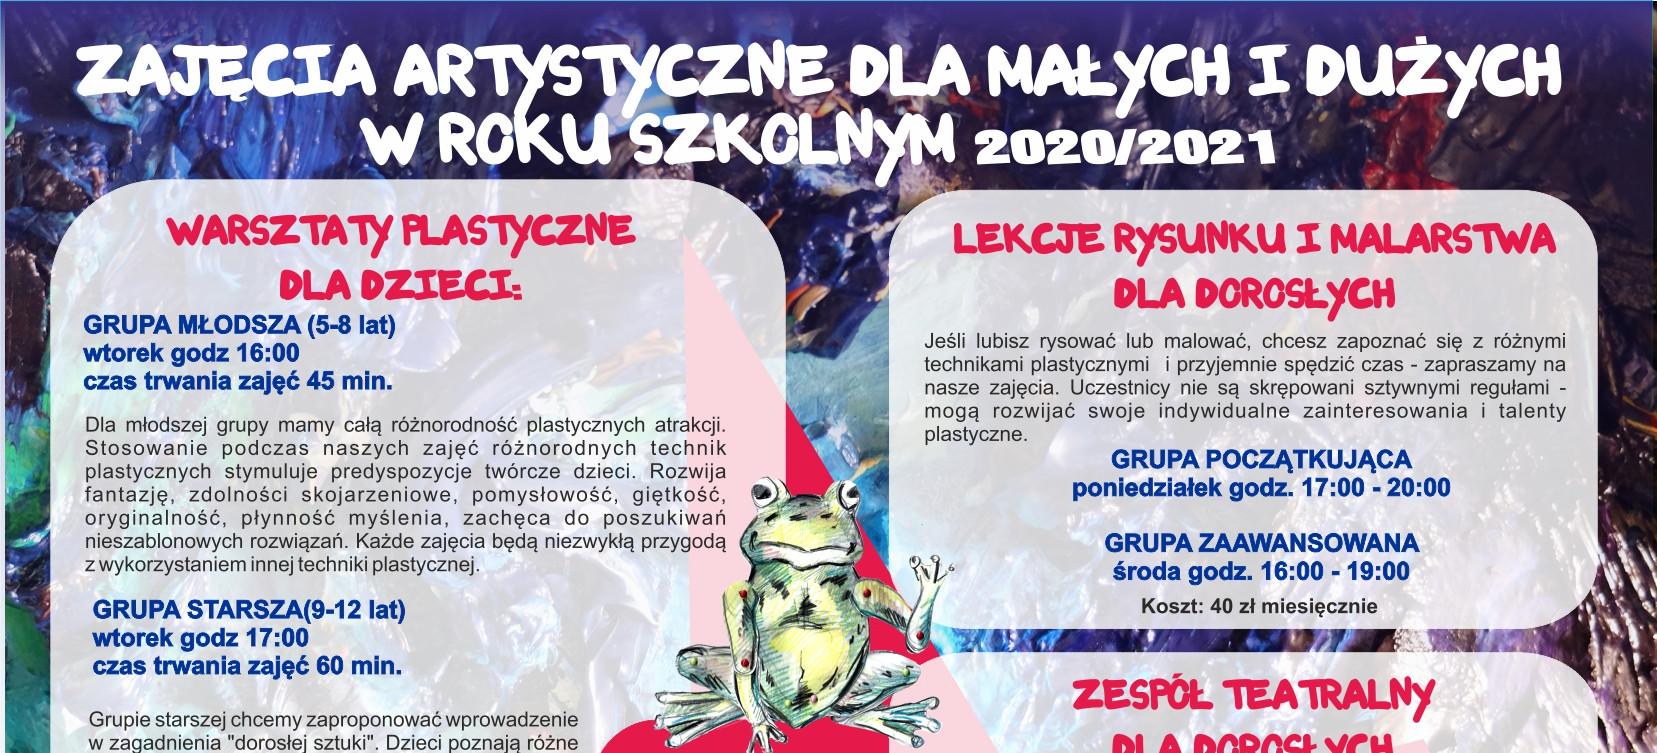 Zajęcia artystyczne dla małych i dużych w roku szkolnym 2020 / 2021